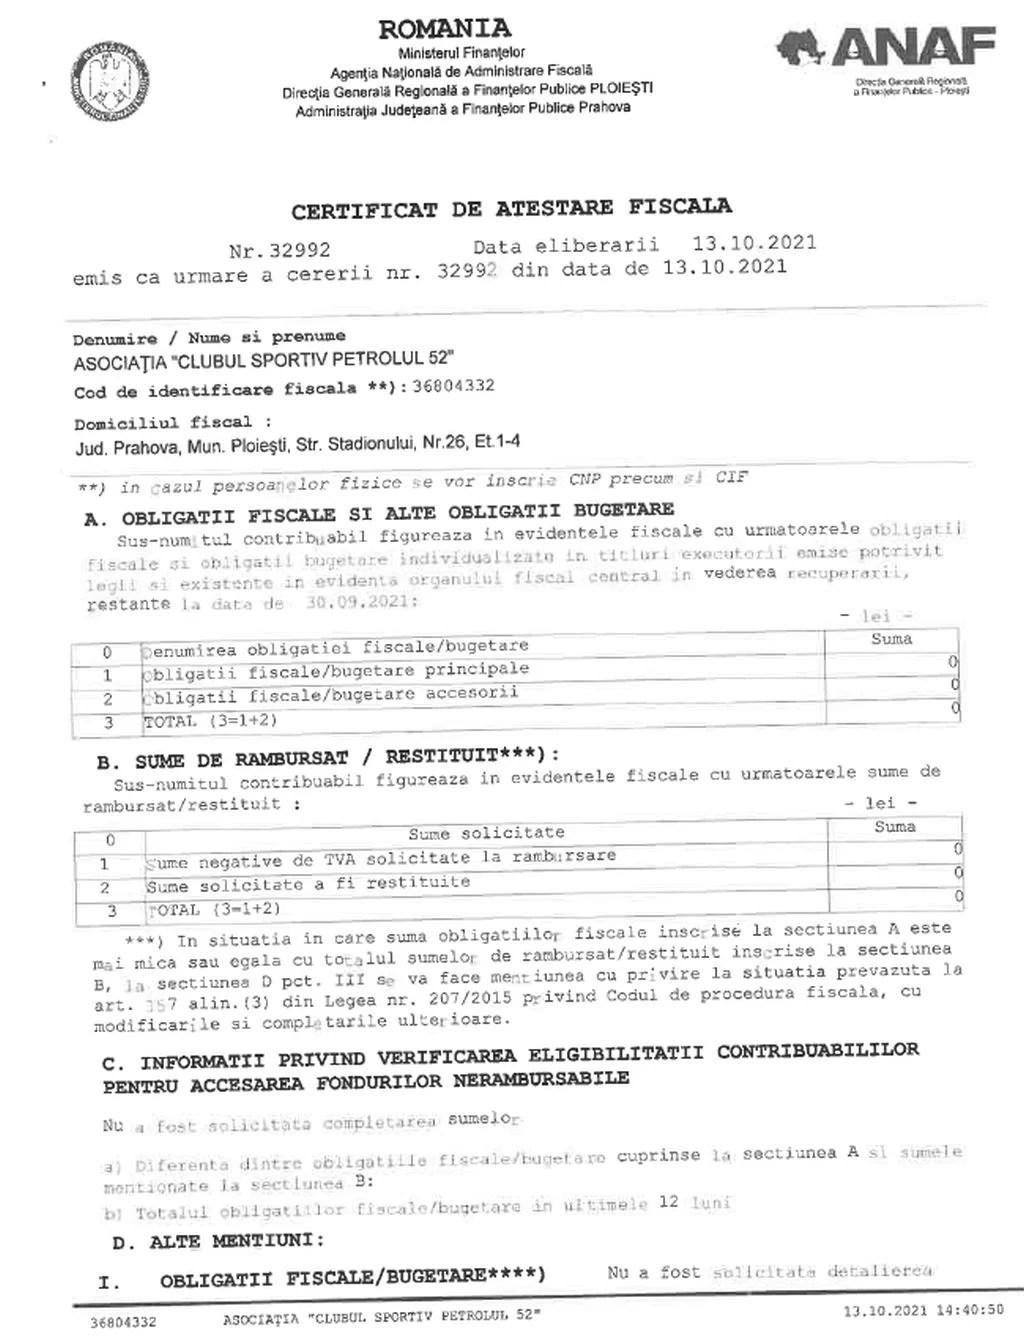 Fără a fi fost obligat, clubul cu patronat privat ACS Petrolul '52 Ploiești a făcut public certificatul fiscal cu valoare zero! Se așteaptă replica acelora care au tot pus la îndoială absența datoriilor găzarilor, dar și o mare criză în buget!